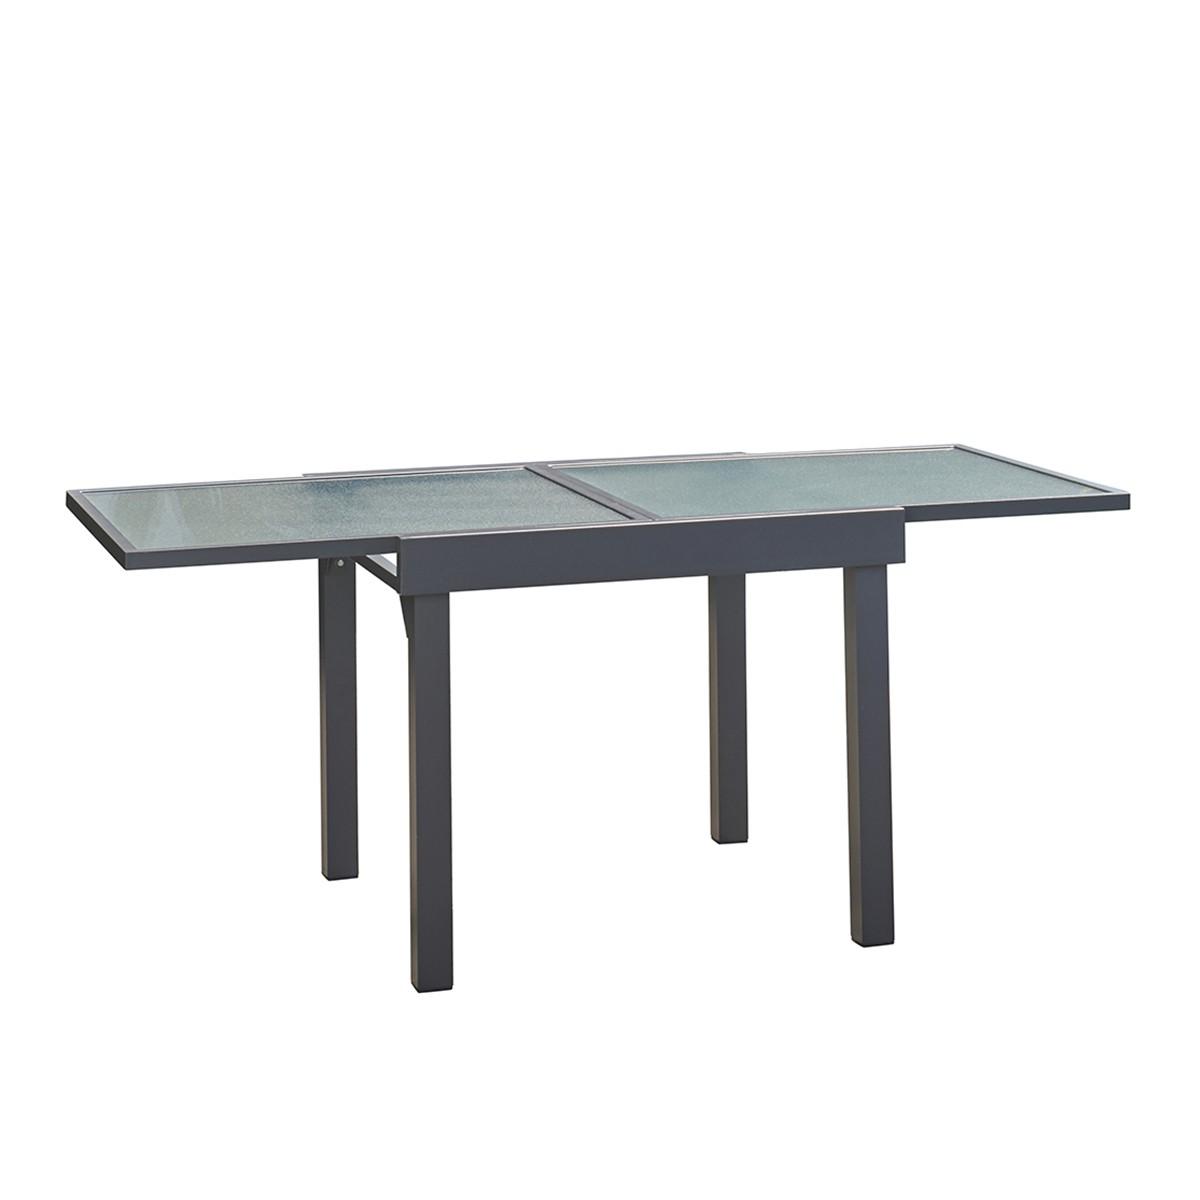 Table de jardin extensible en aluminium gris 4/8 places